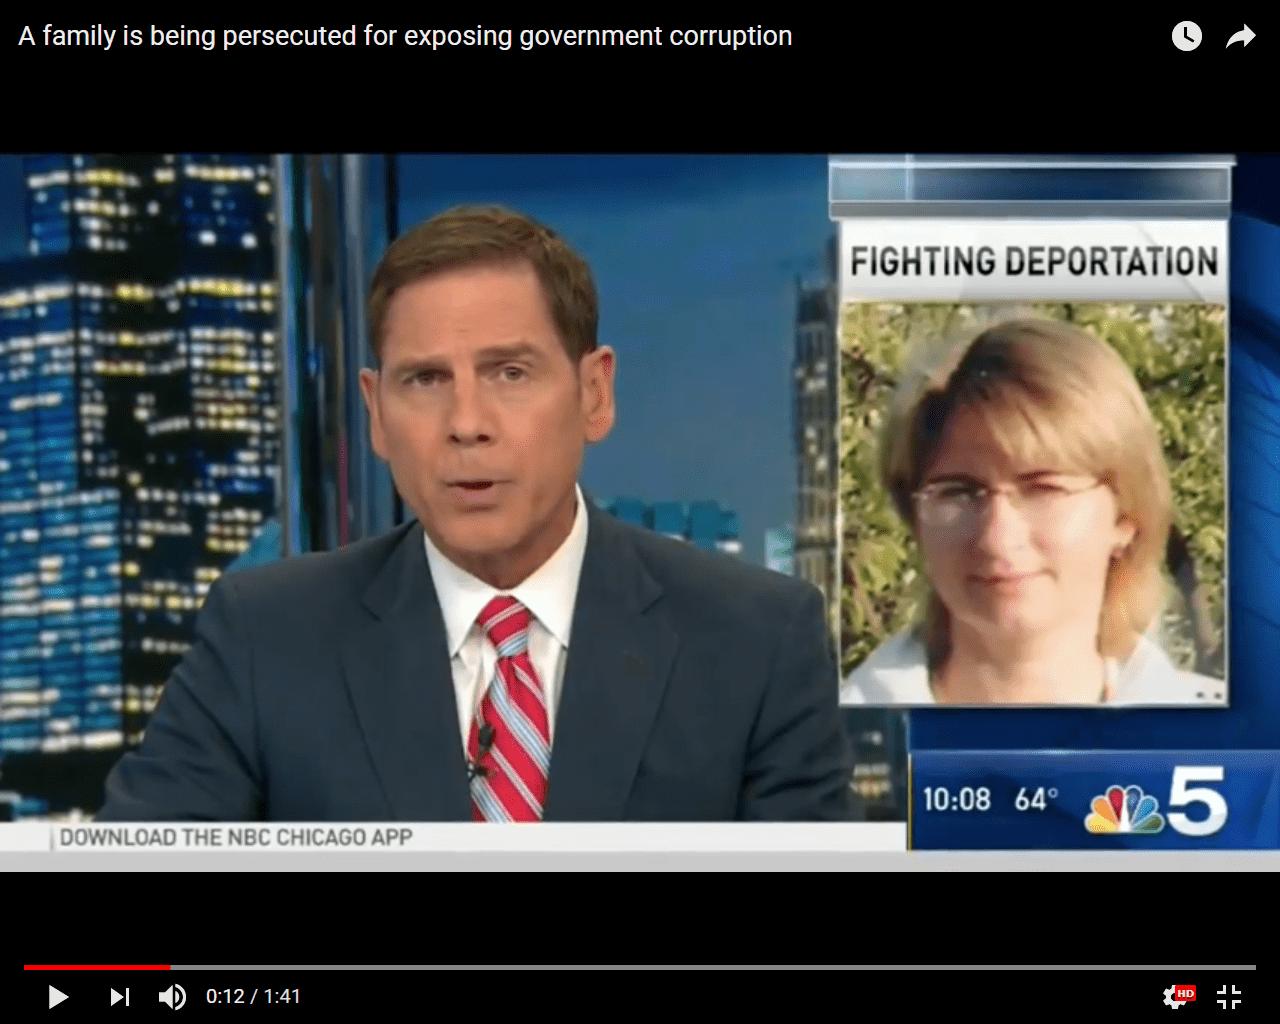 N.Venckienės byla šiurpina amerikiečius – NBC parodė reportažą apie šeimą, kurią persekioja korumpuota Lietuvos vyriausybė